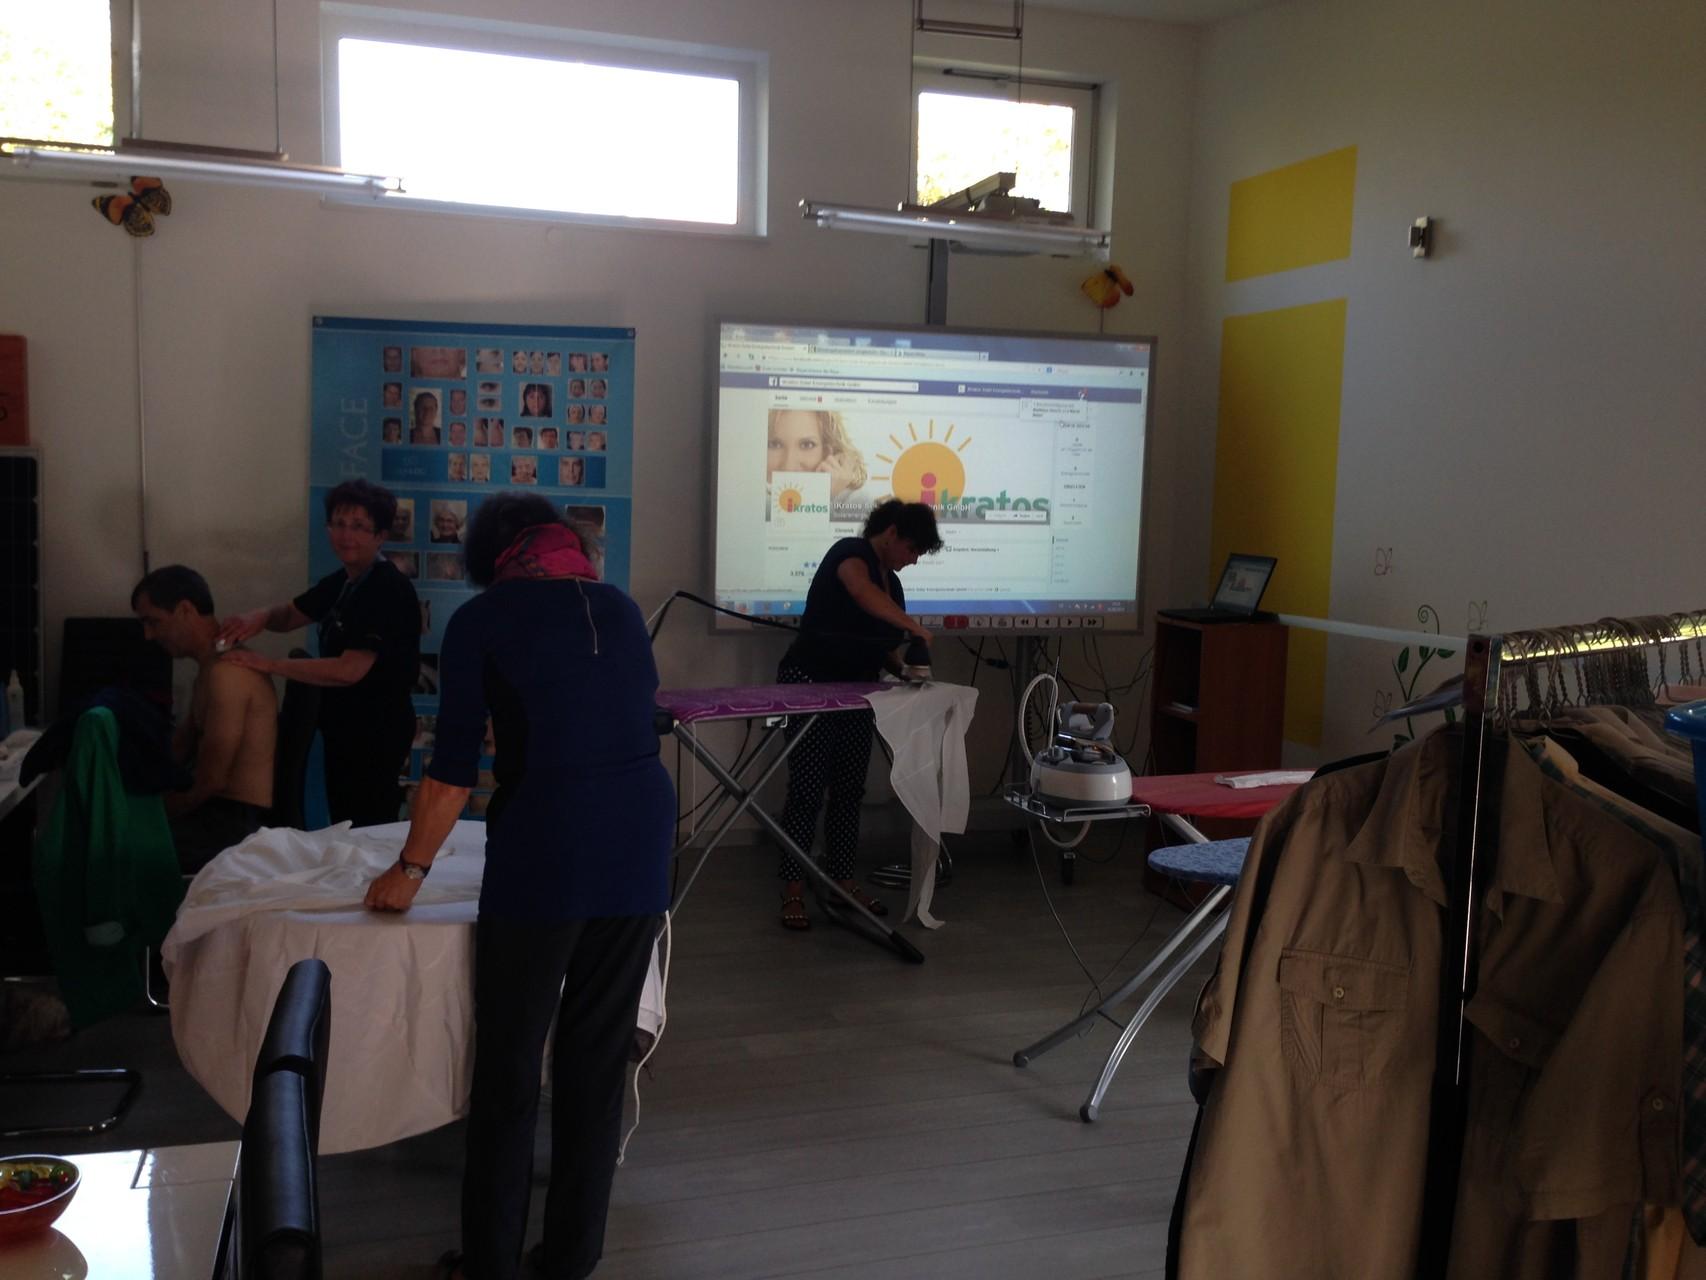 Solarbügel Aktion für Kindergarten Weissenohe